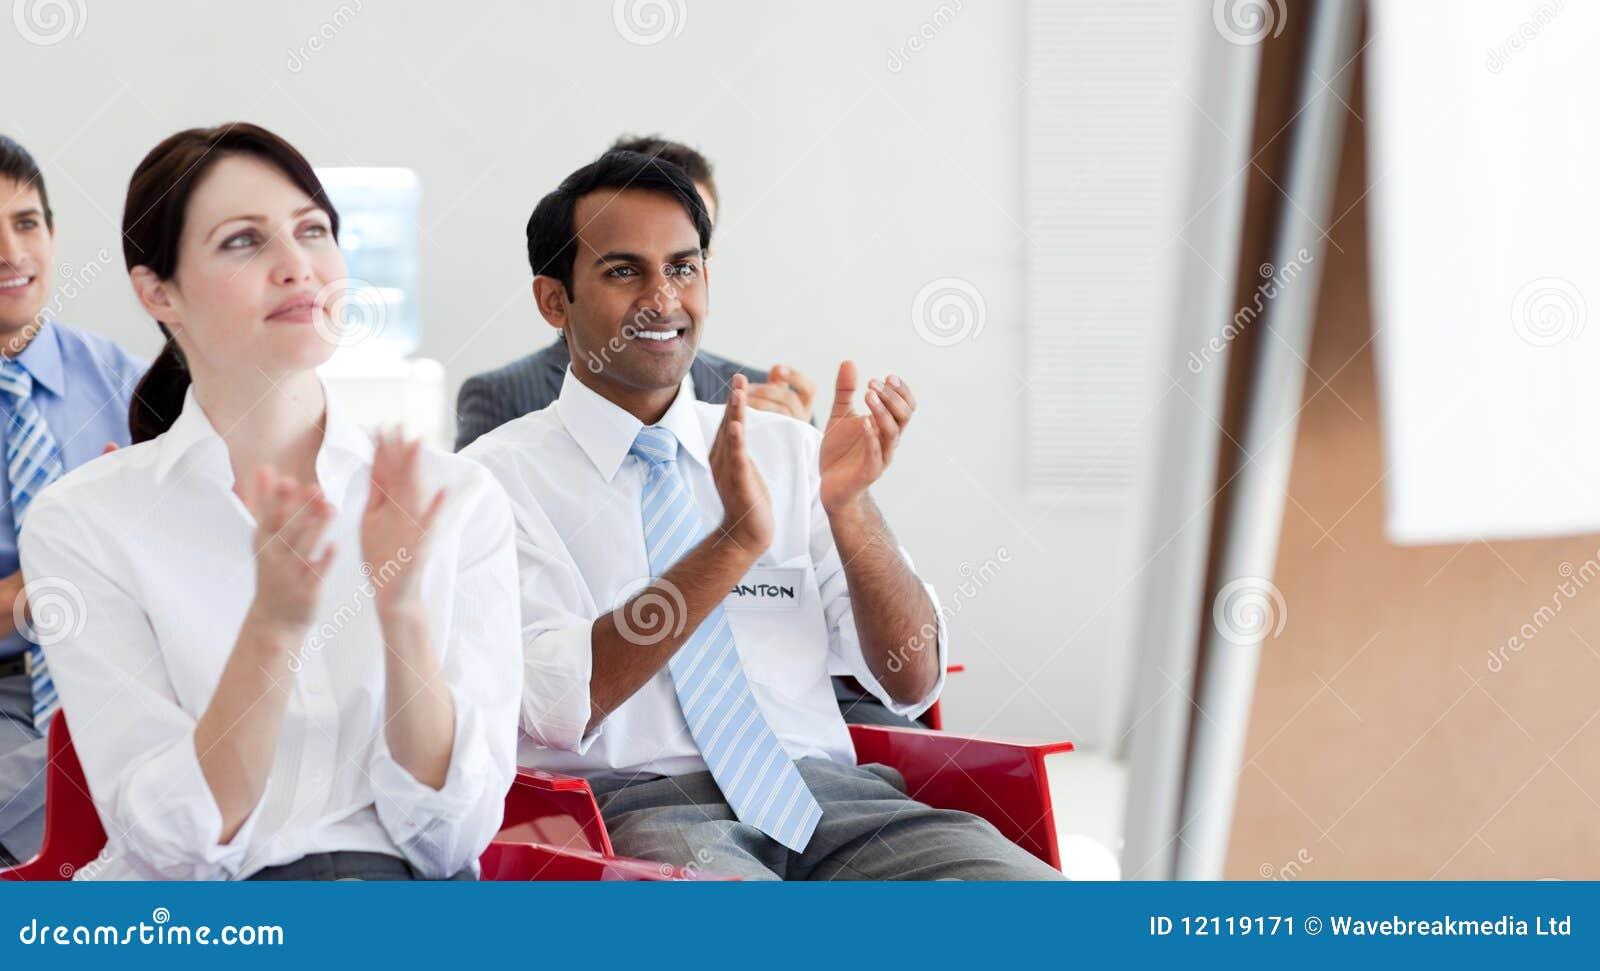 Gens d affaires battant à une conférence